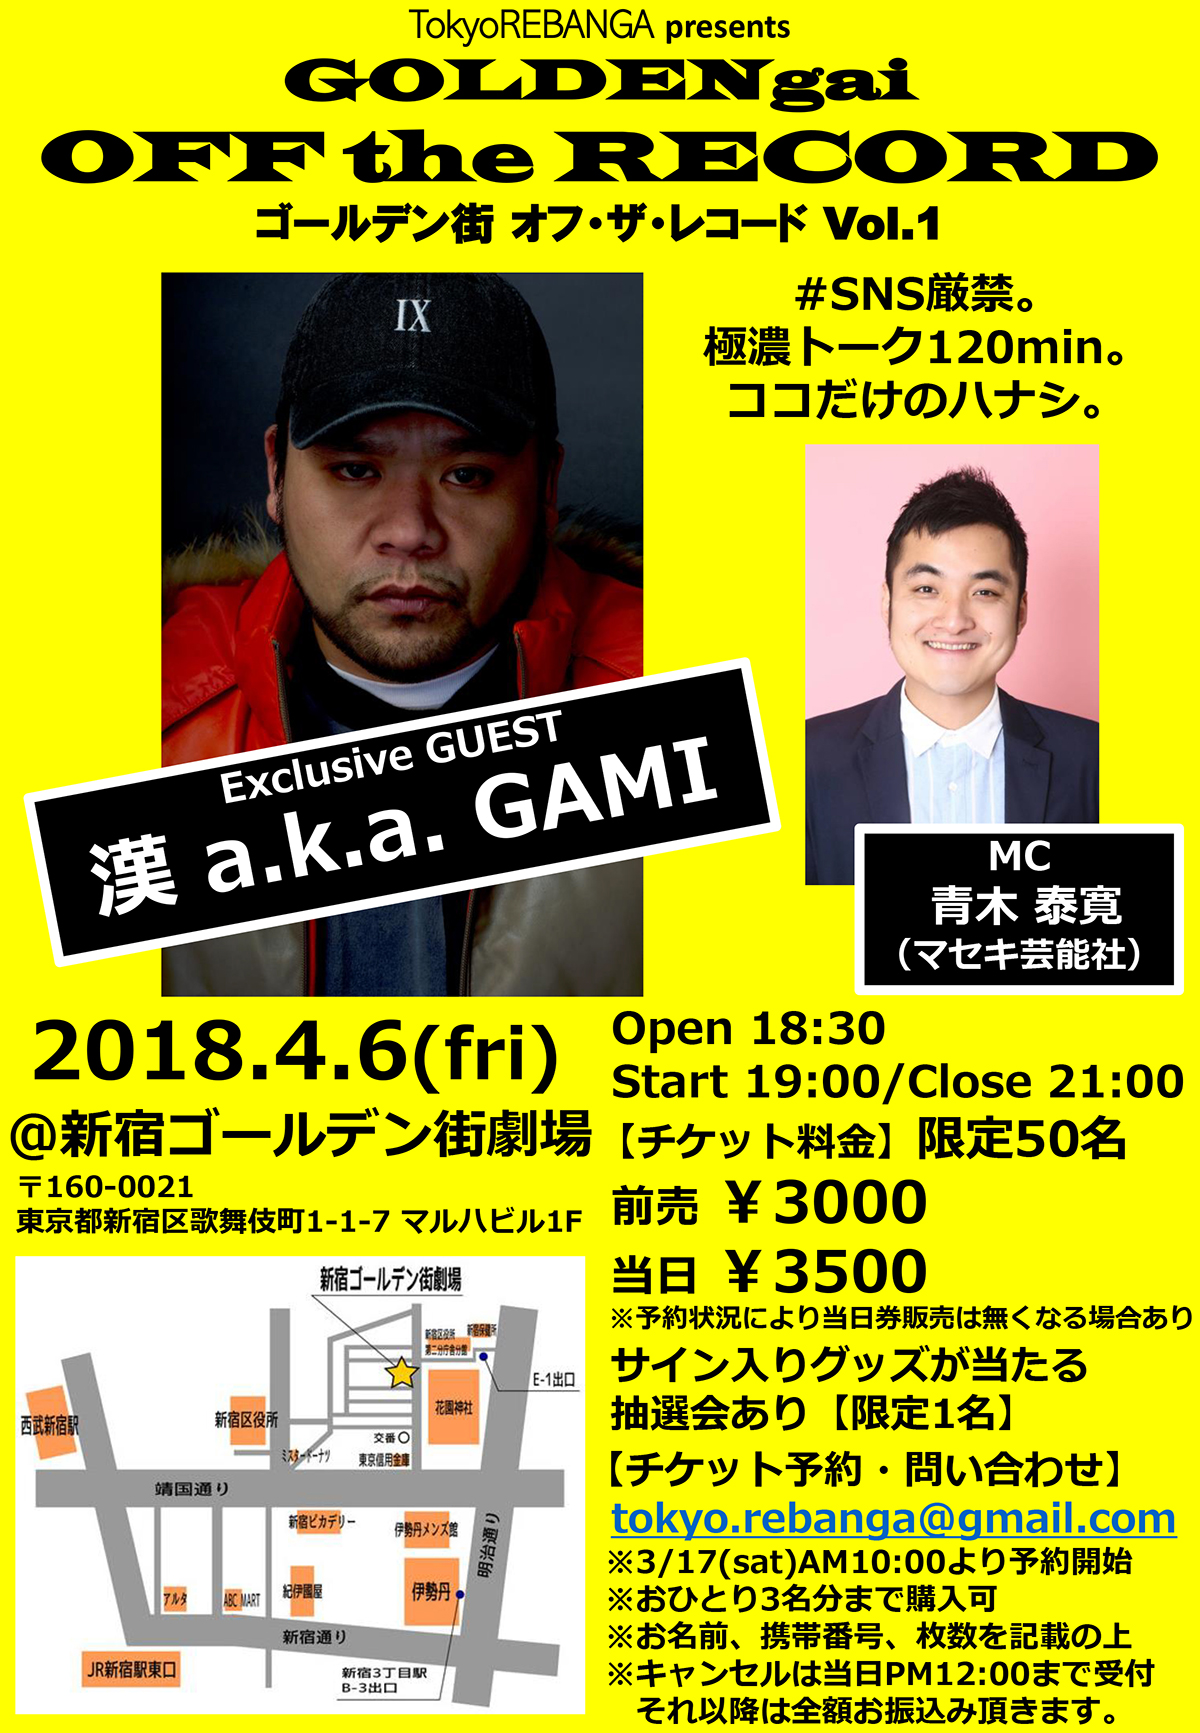 2018.4.6Guest.漢a.k.a.GAMI様